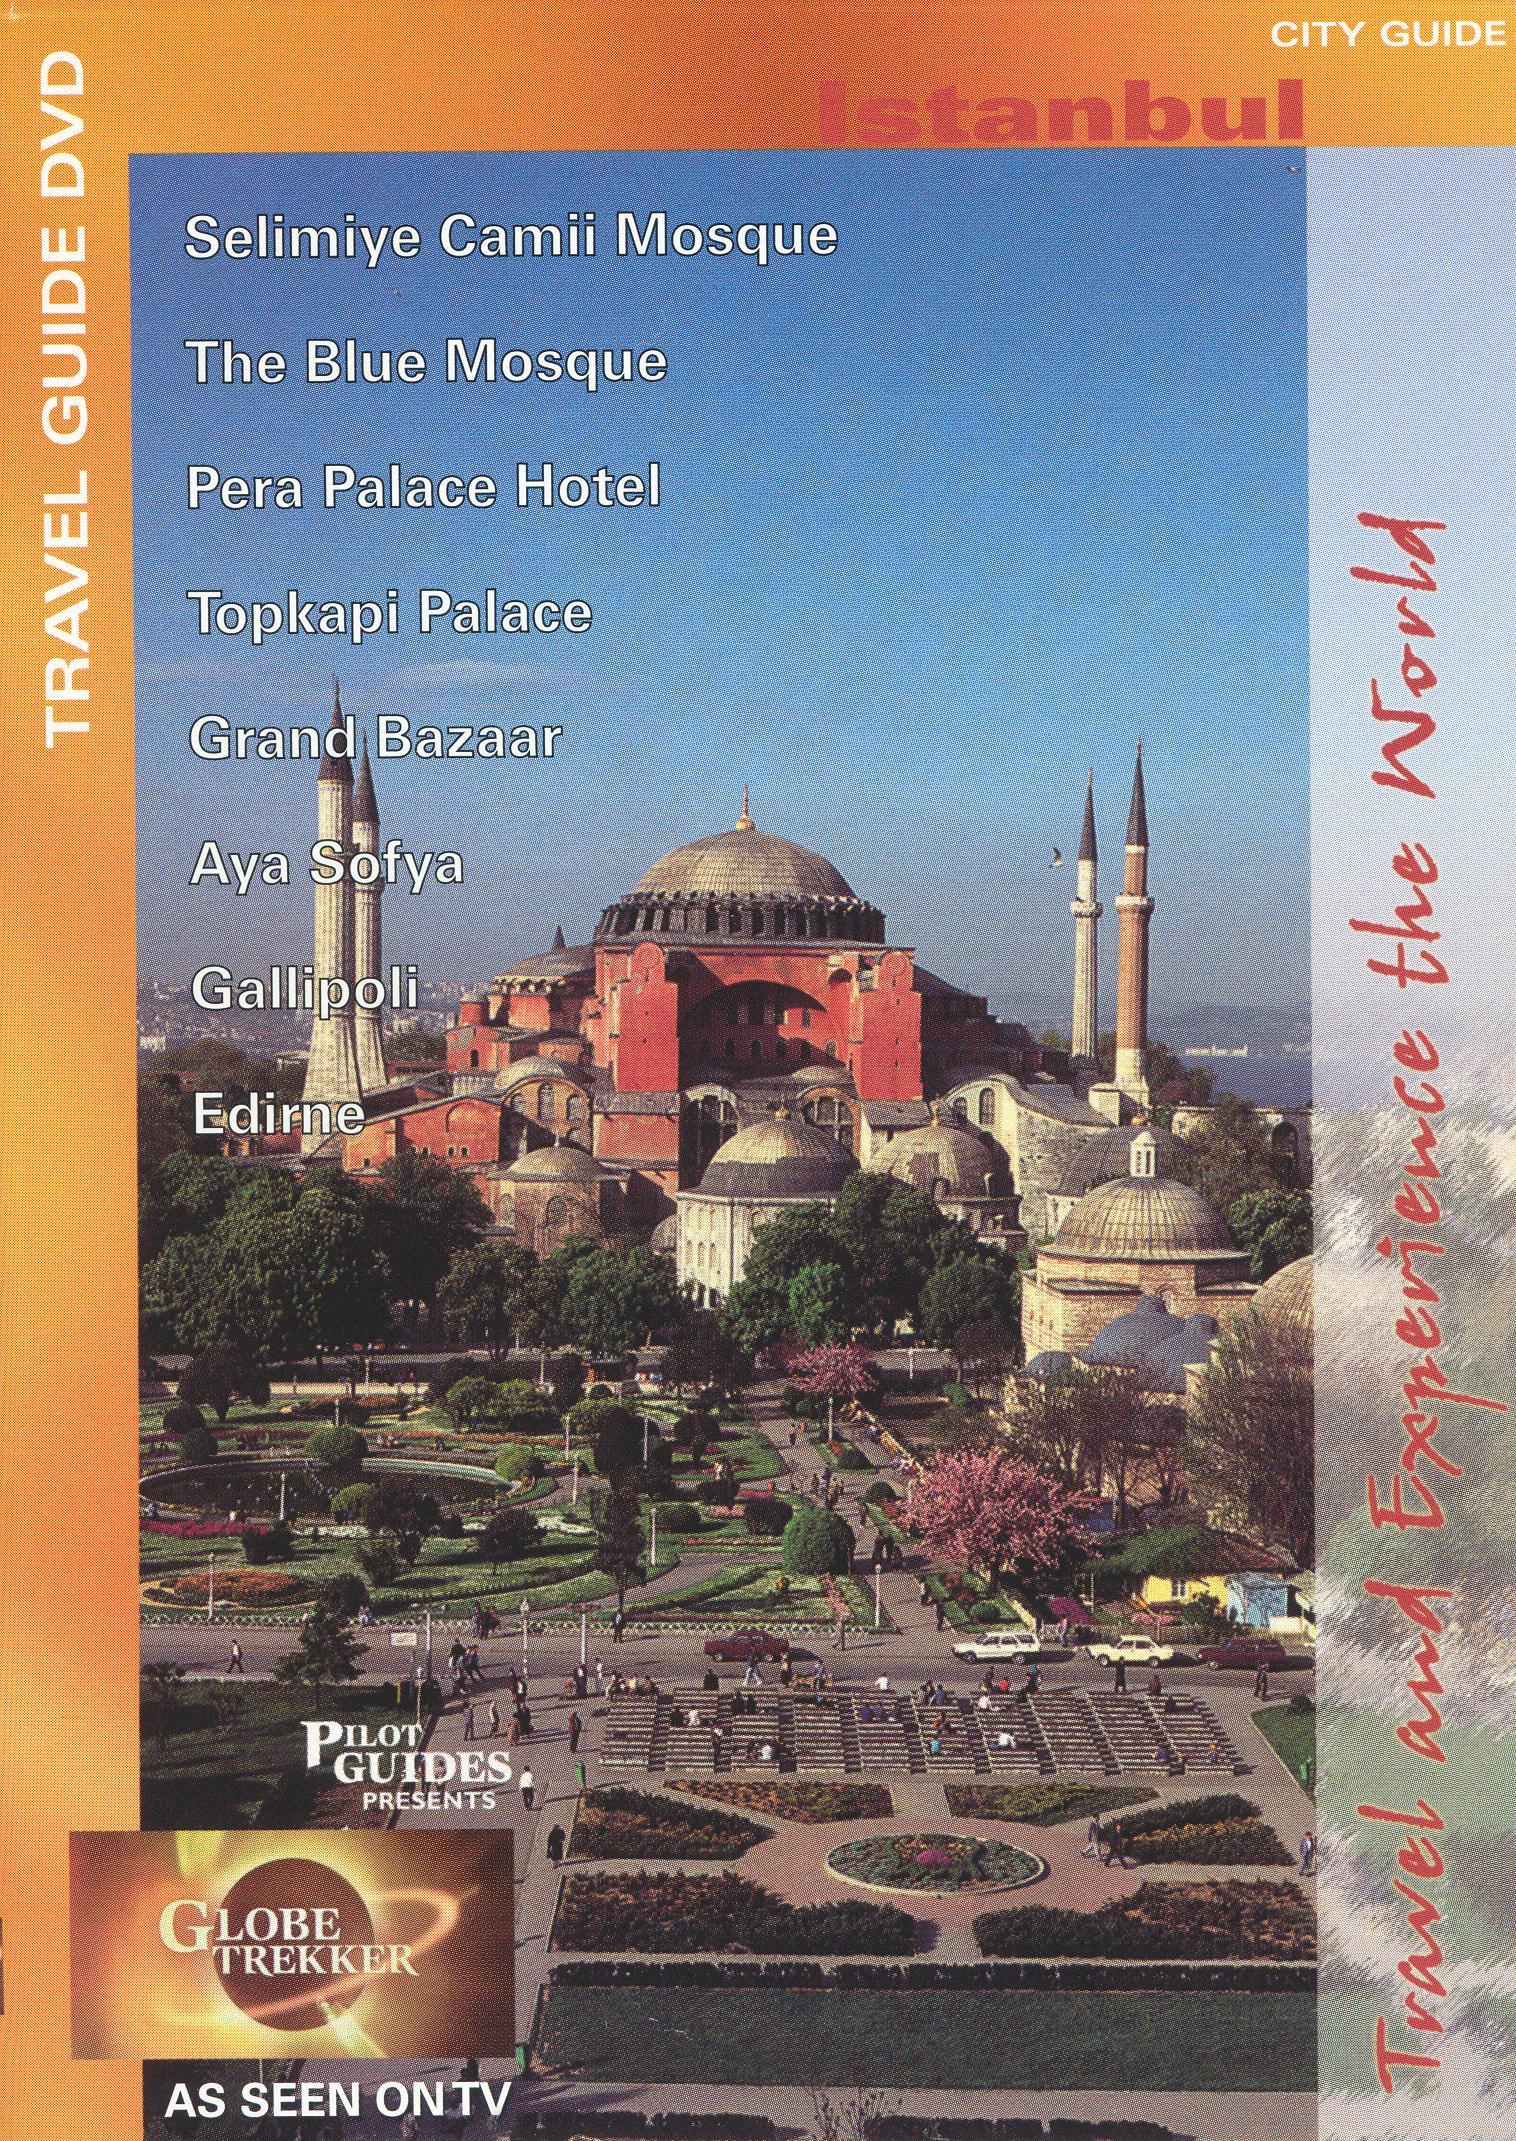 Globe Trekker: Istanbul City Guide